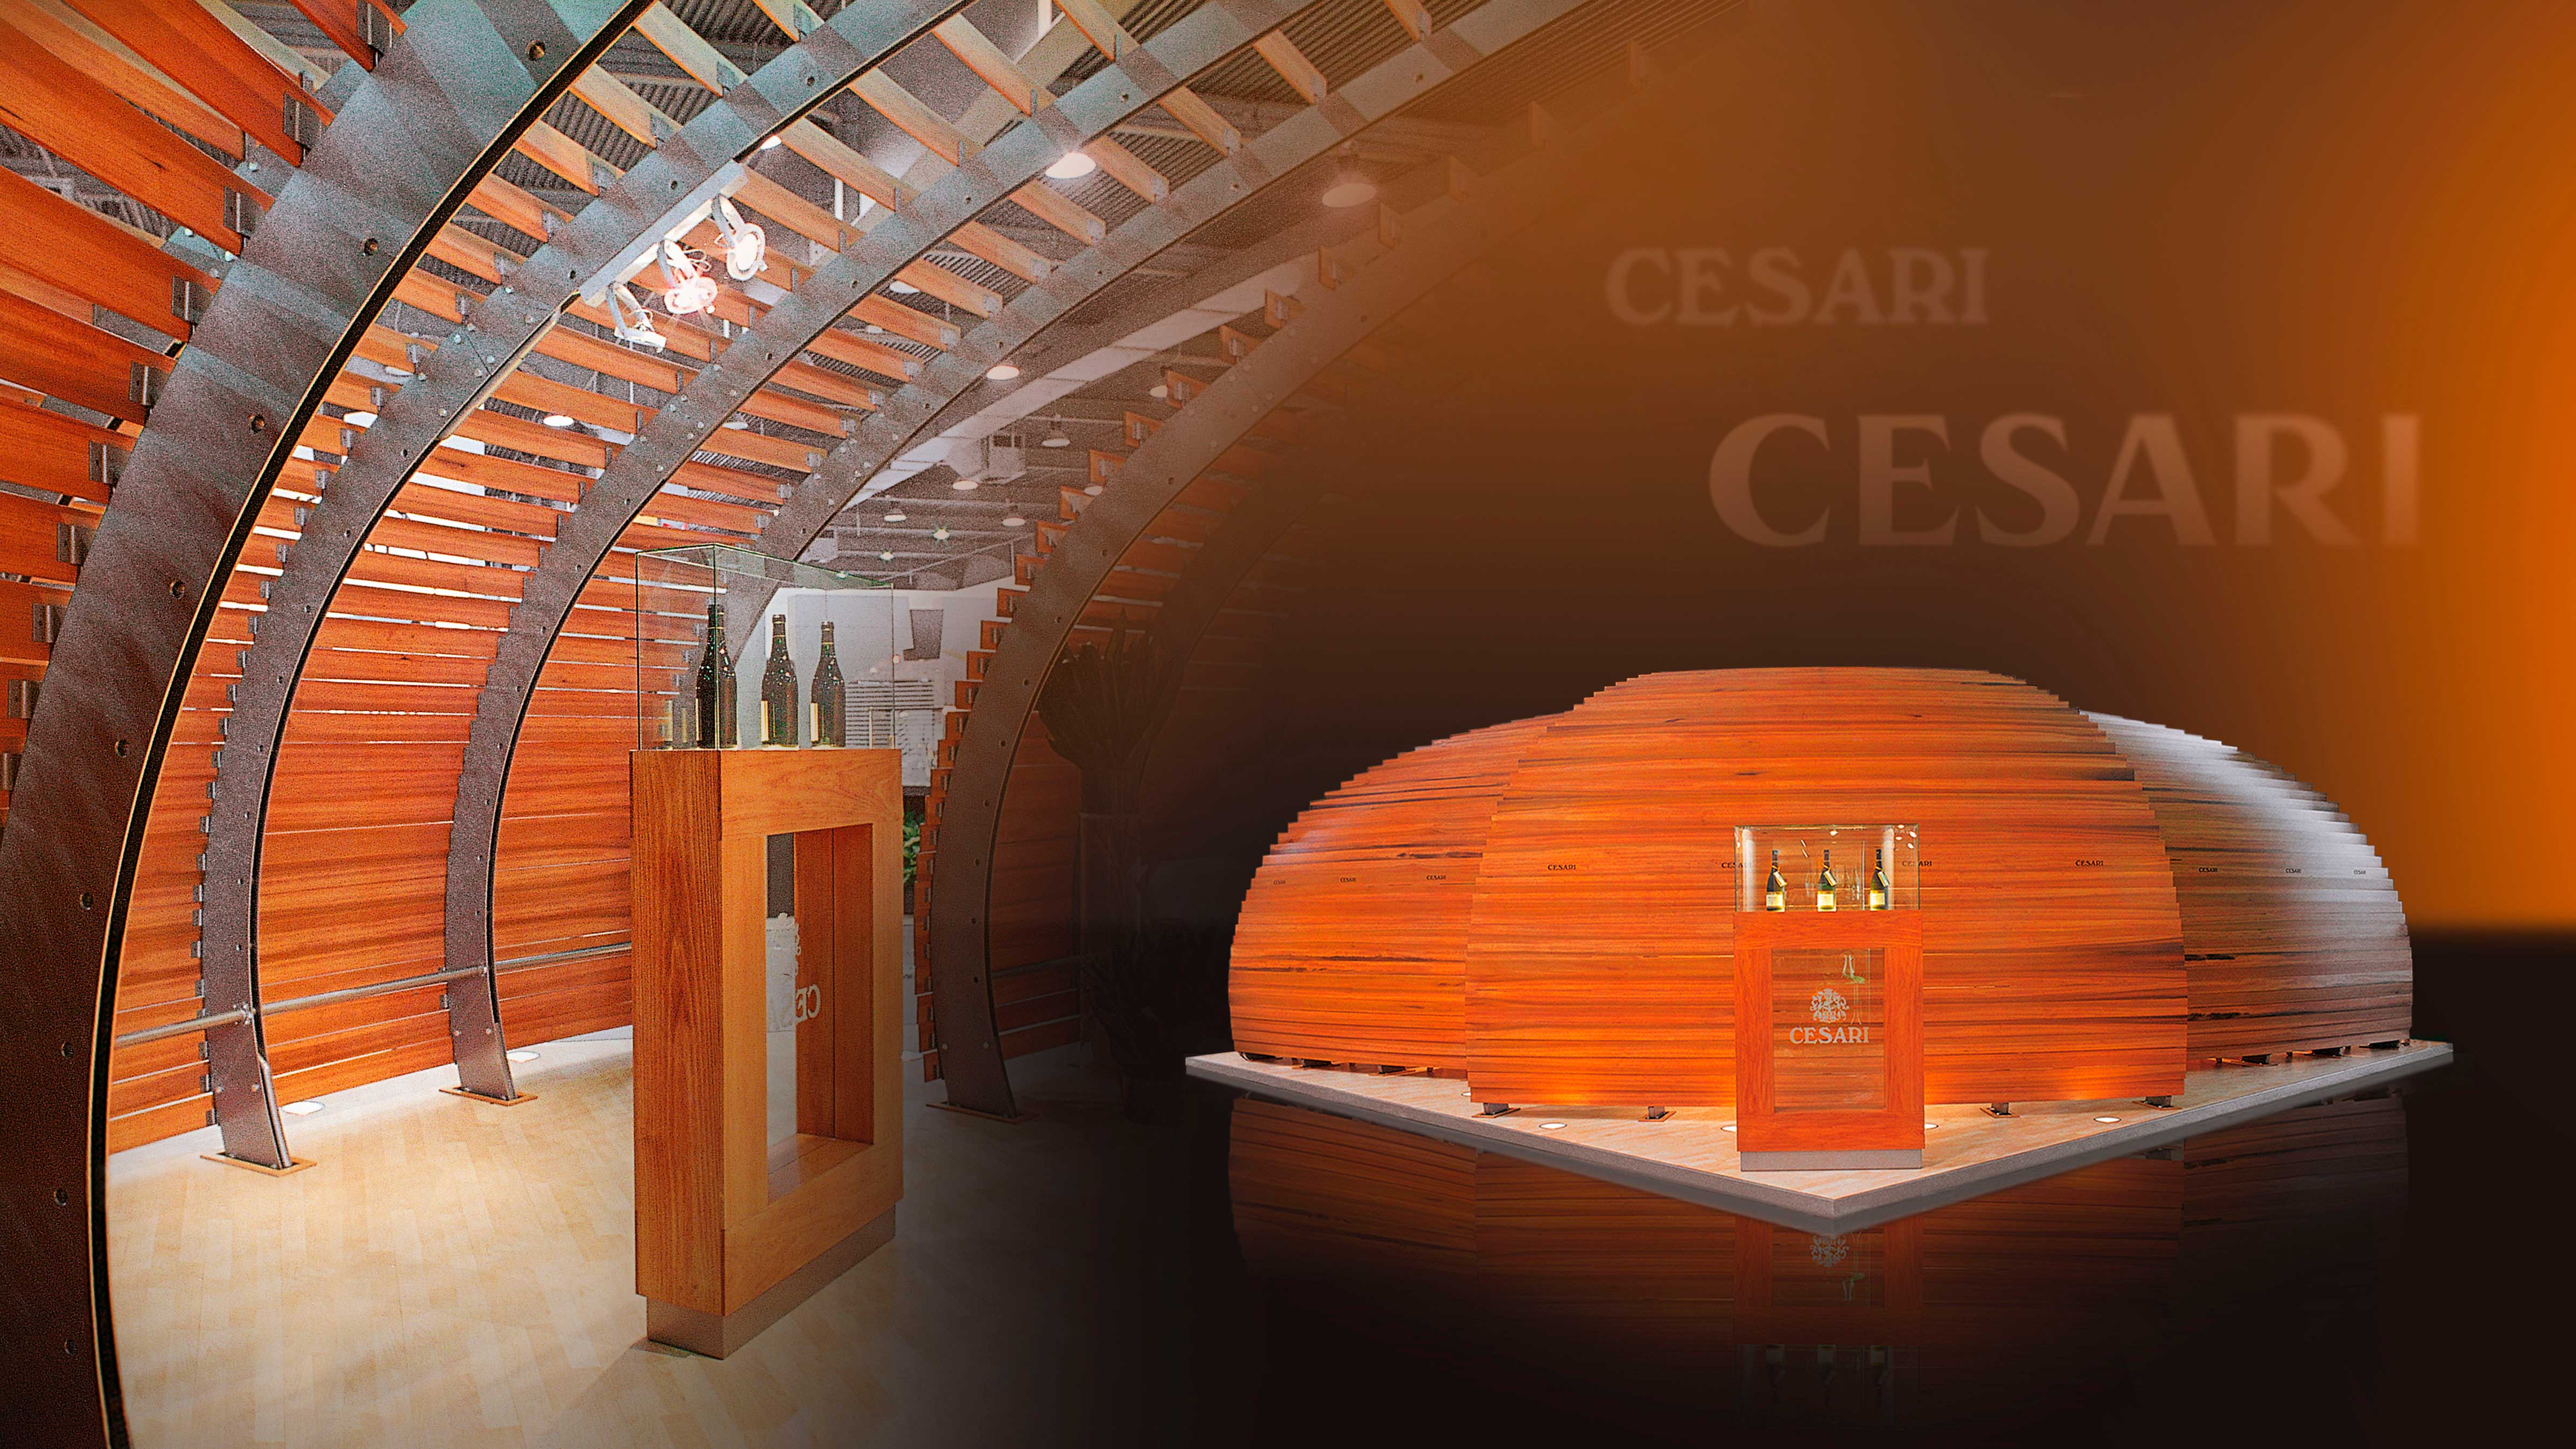 Cesari Stand